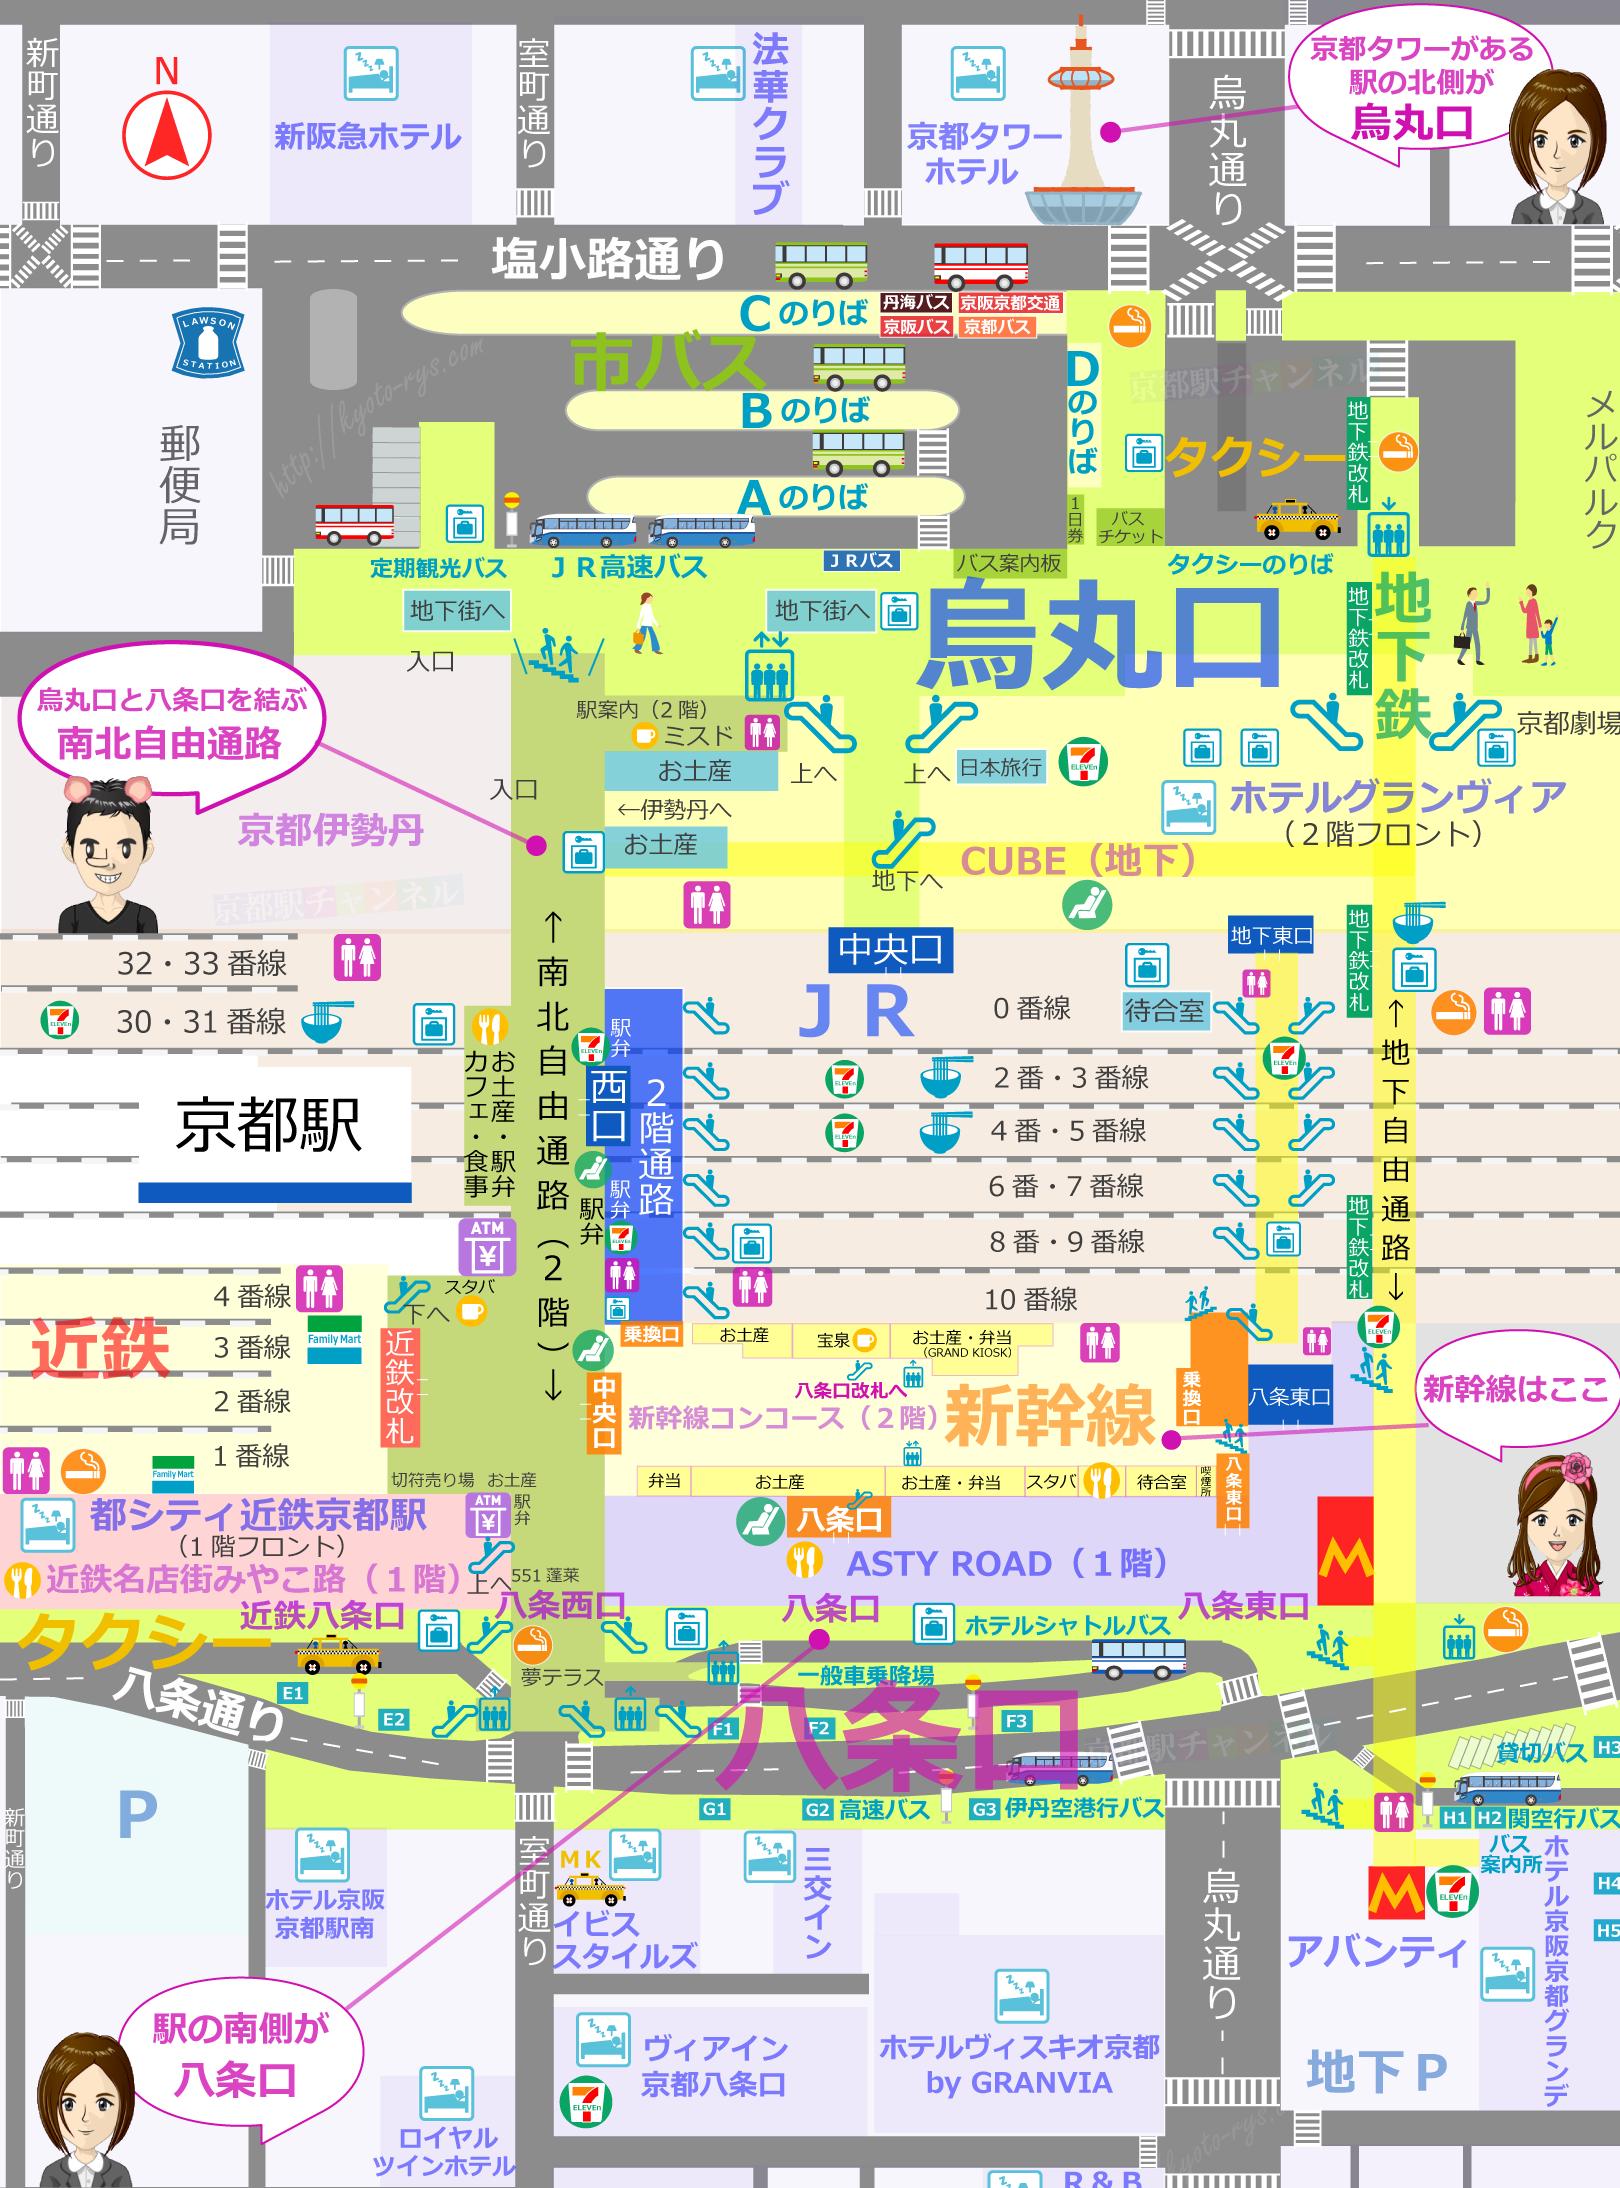 京都駅の構内図と周辺マップ